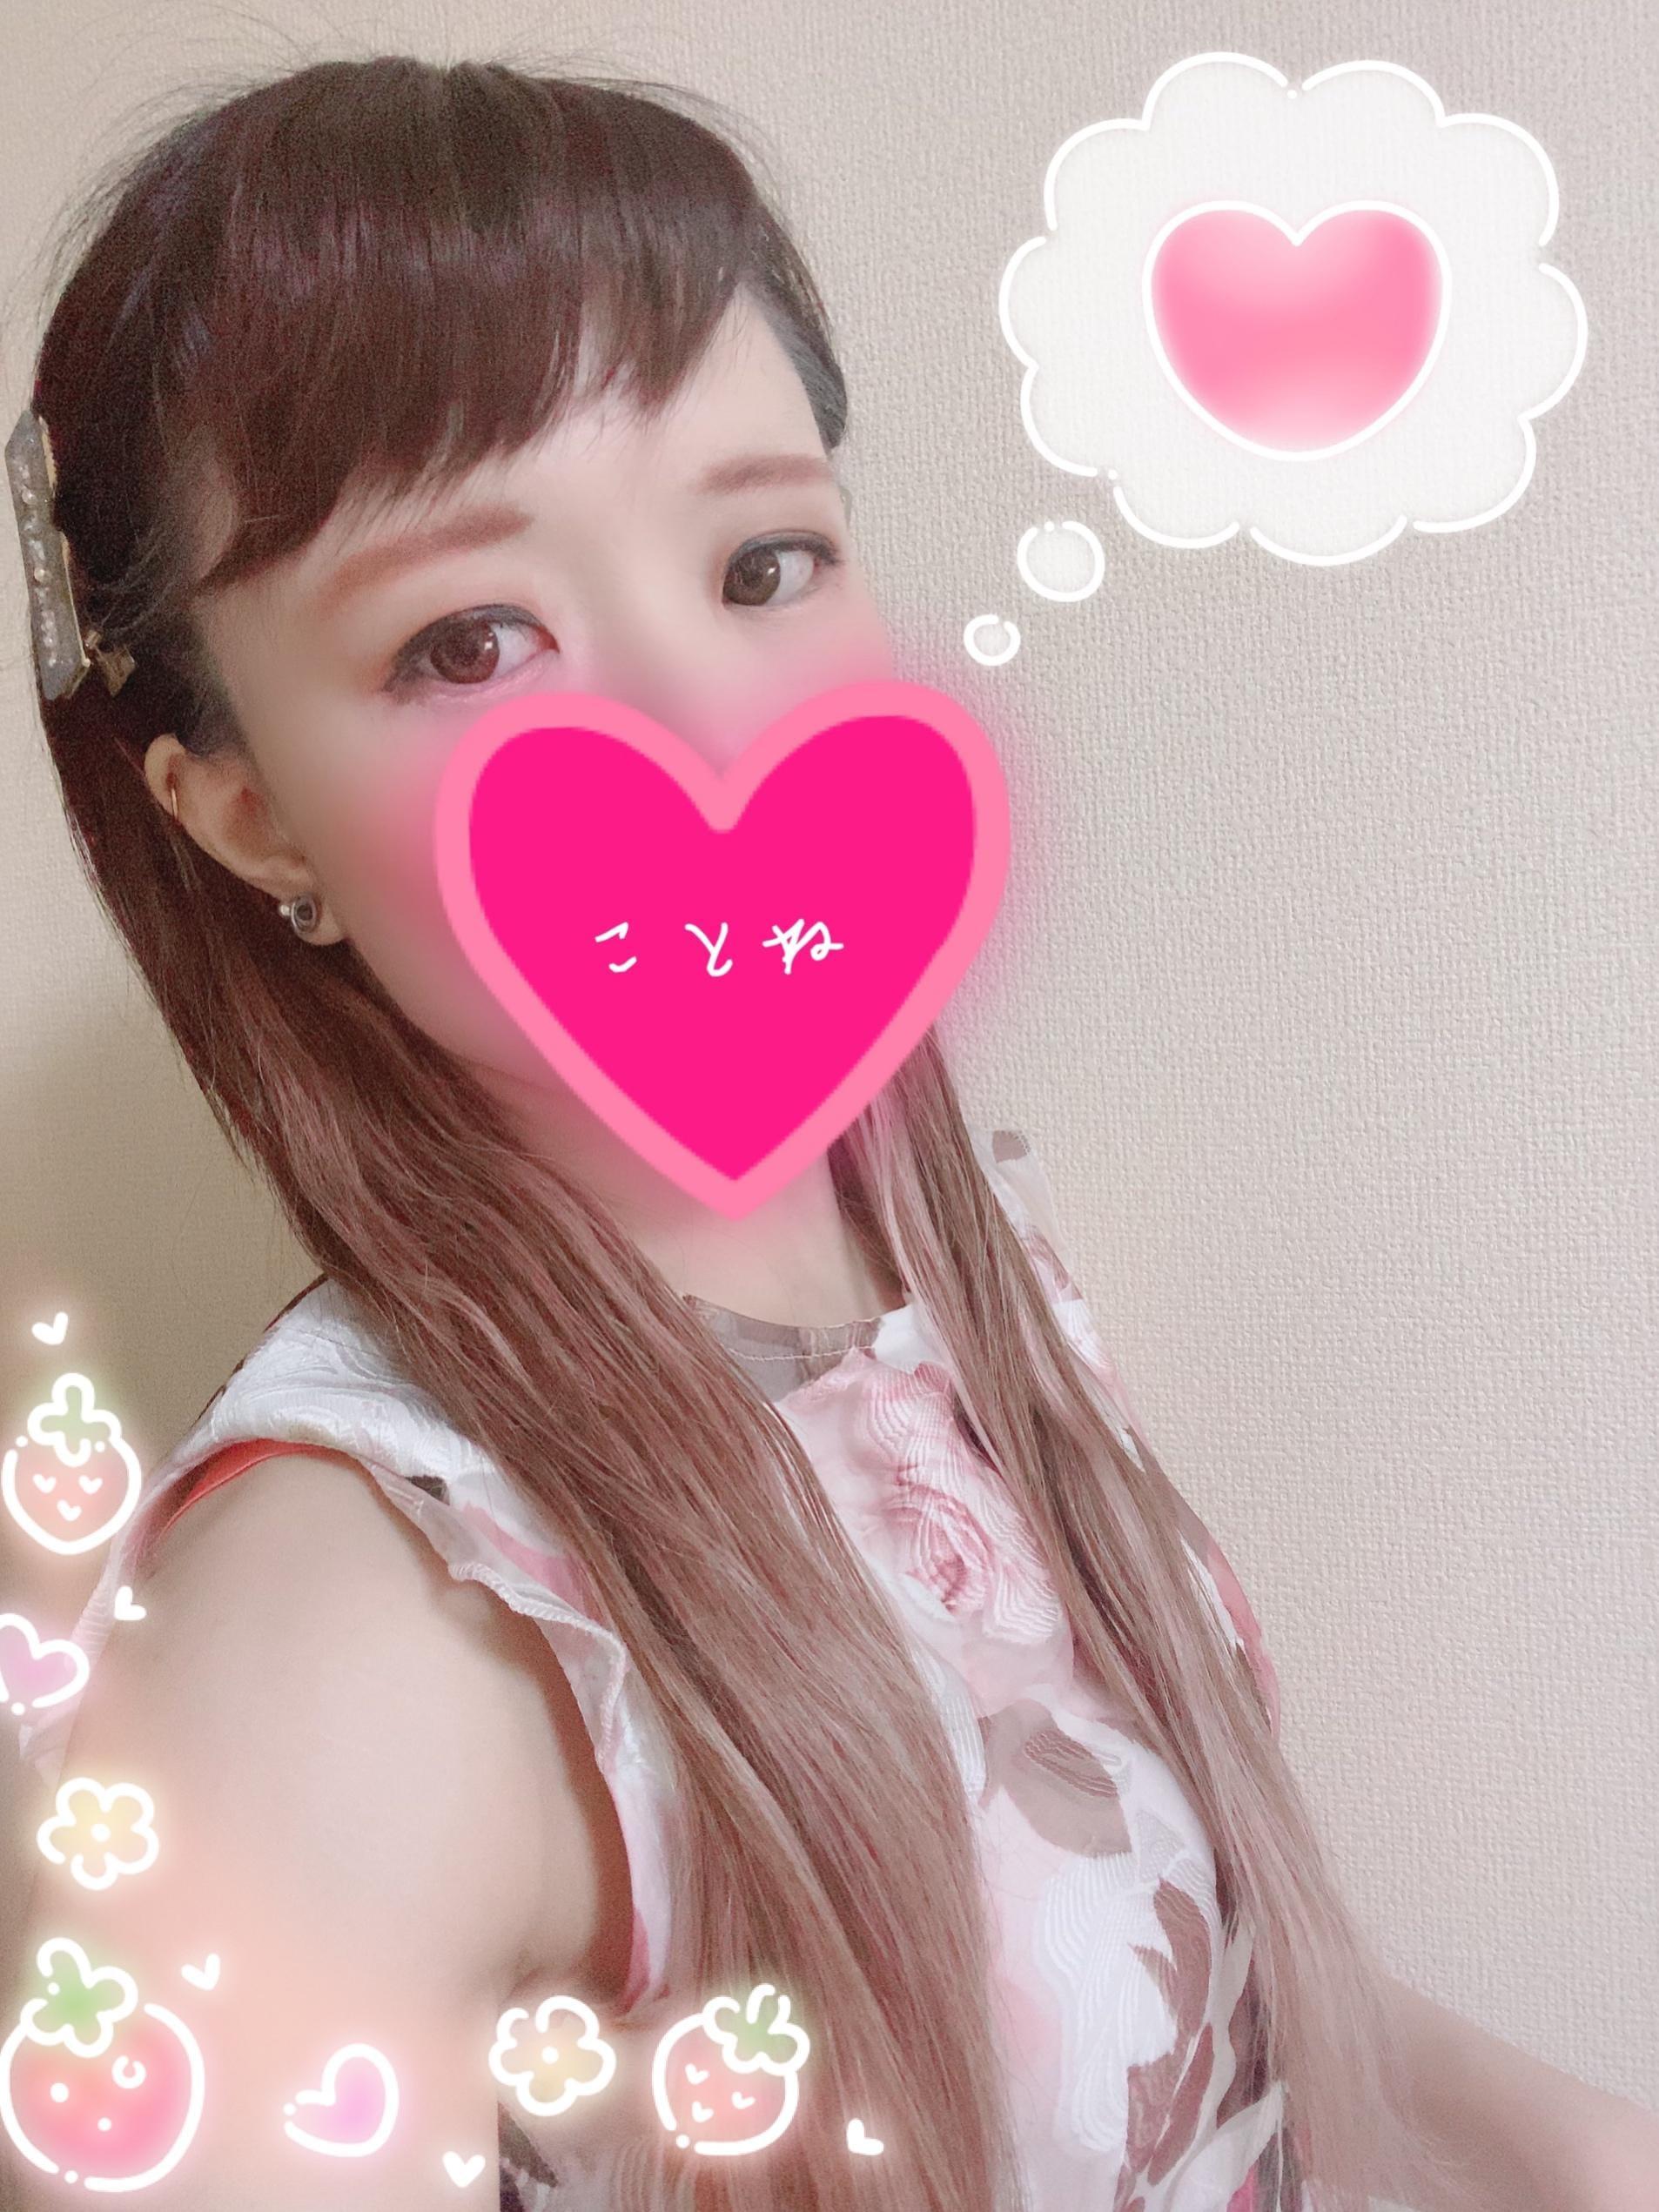 「しゅっきーん!」03/28(03/28) 13:41   ことねの写メ・風俗動画